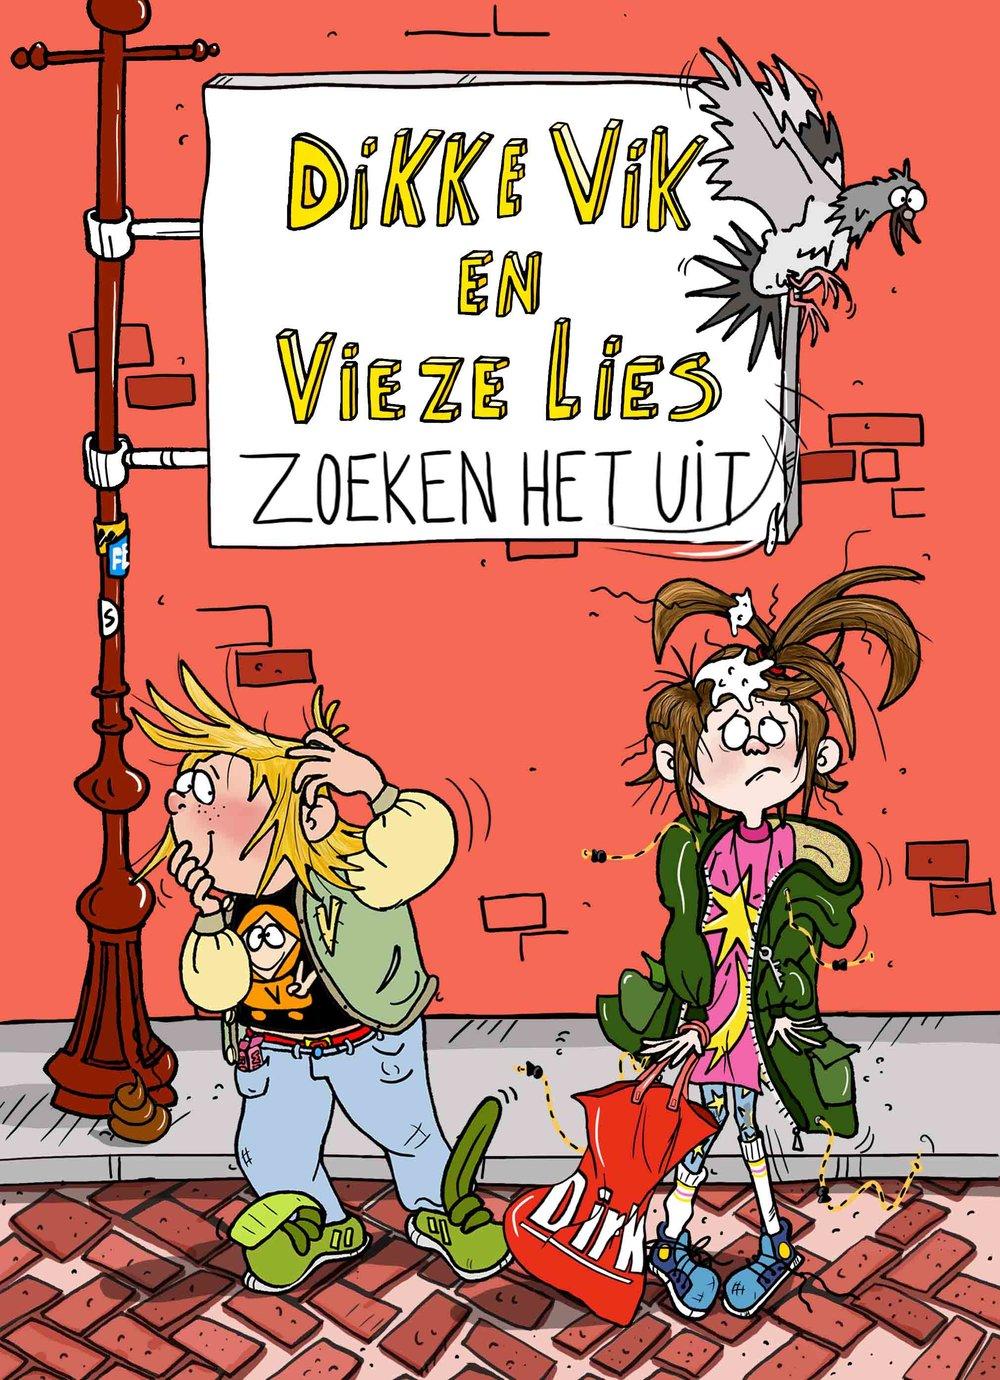 Dikke Viken vieze Lies II - Geschreven door Sunna BorghuisUitgegeven door Gottmermaart 2018